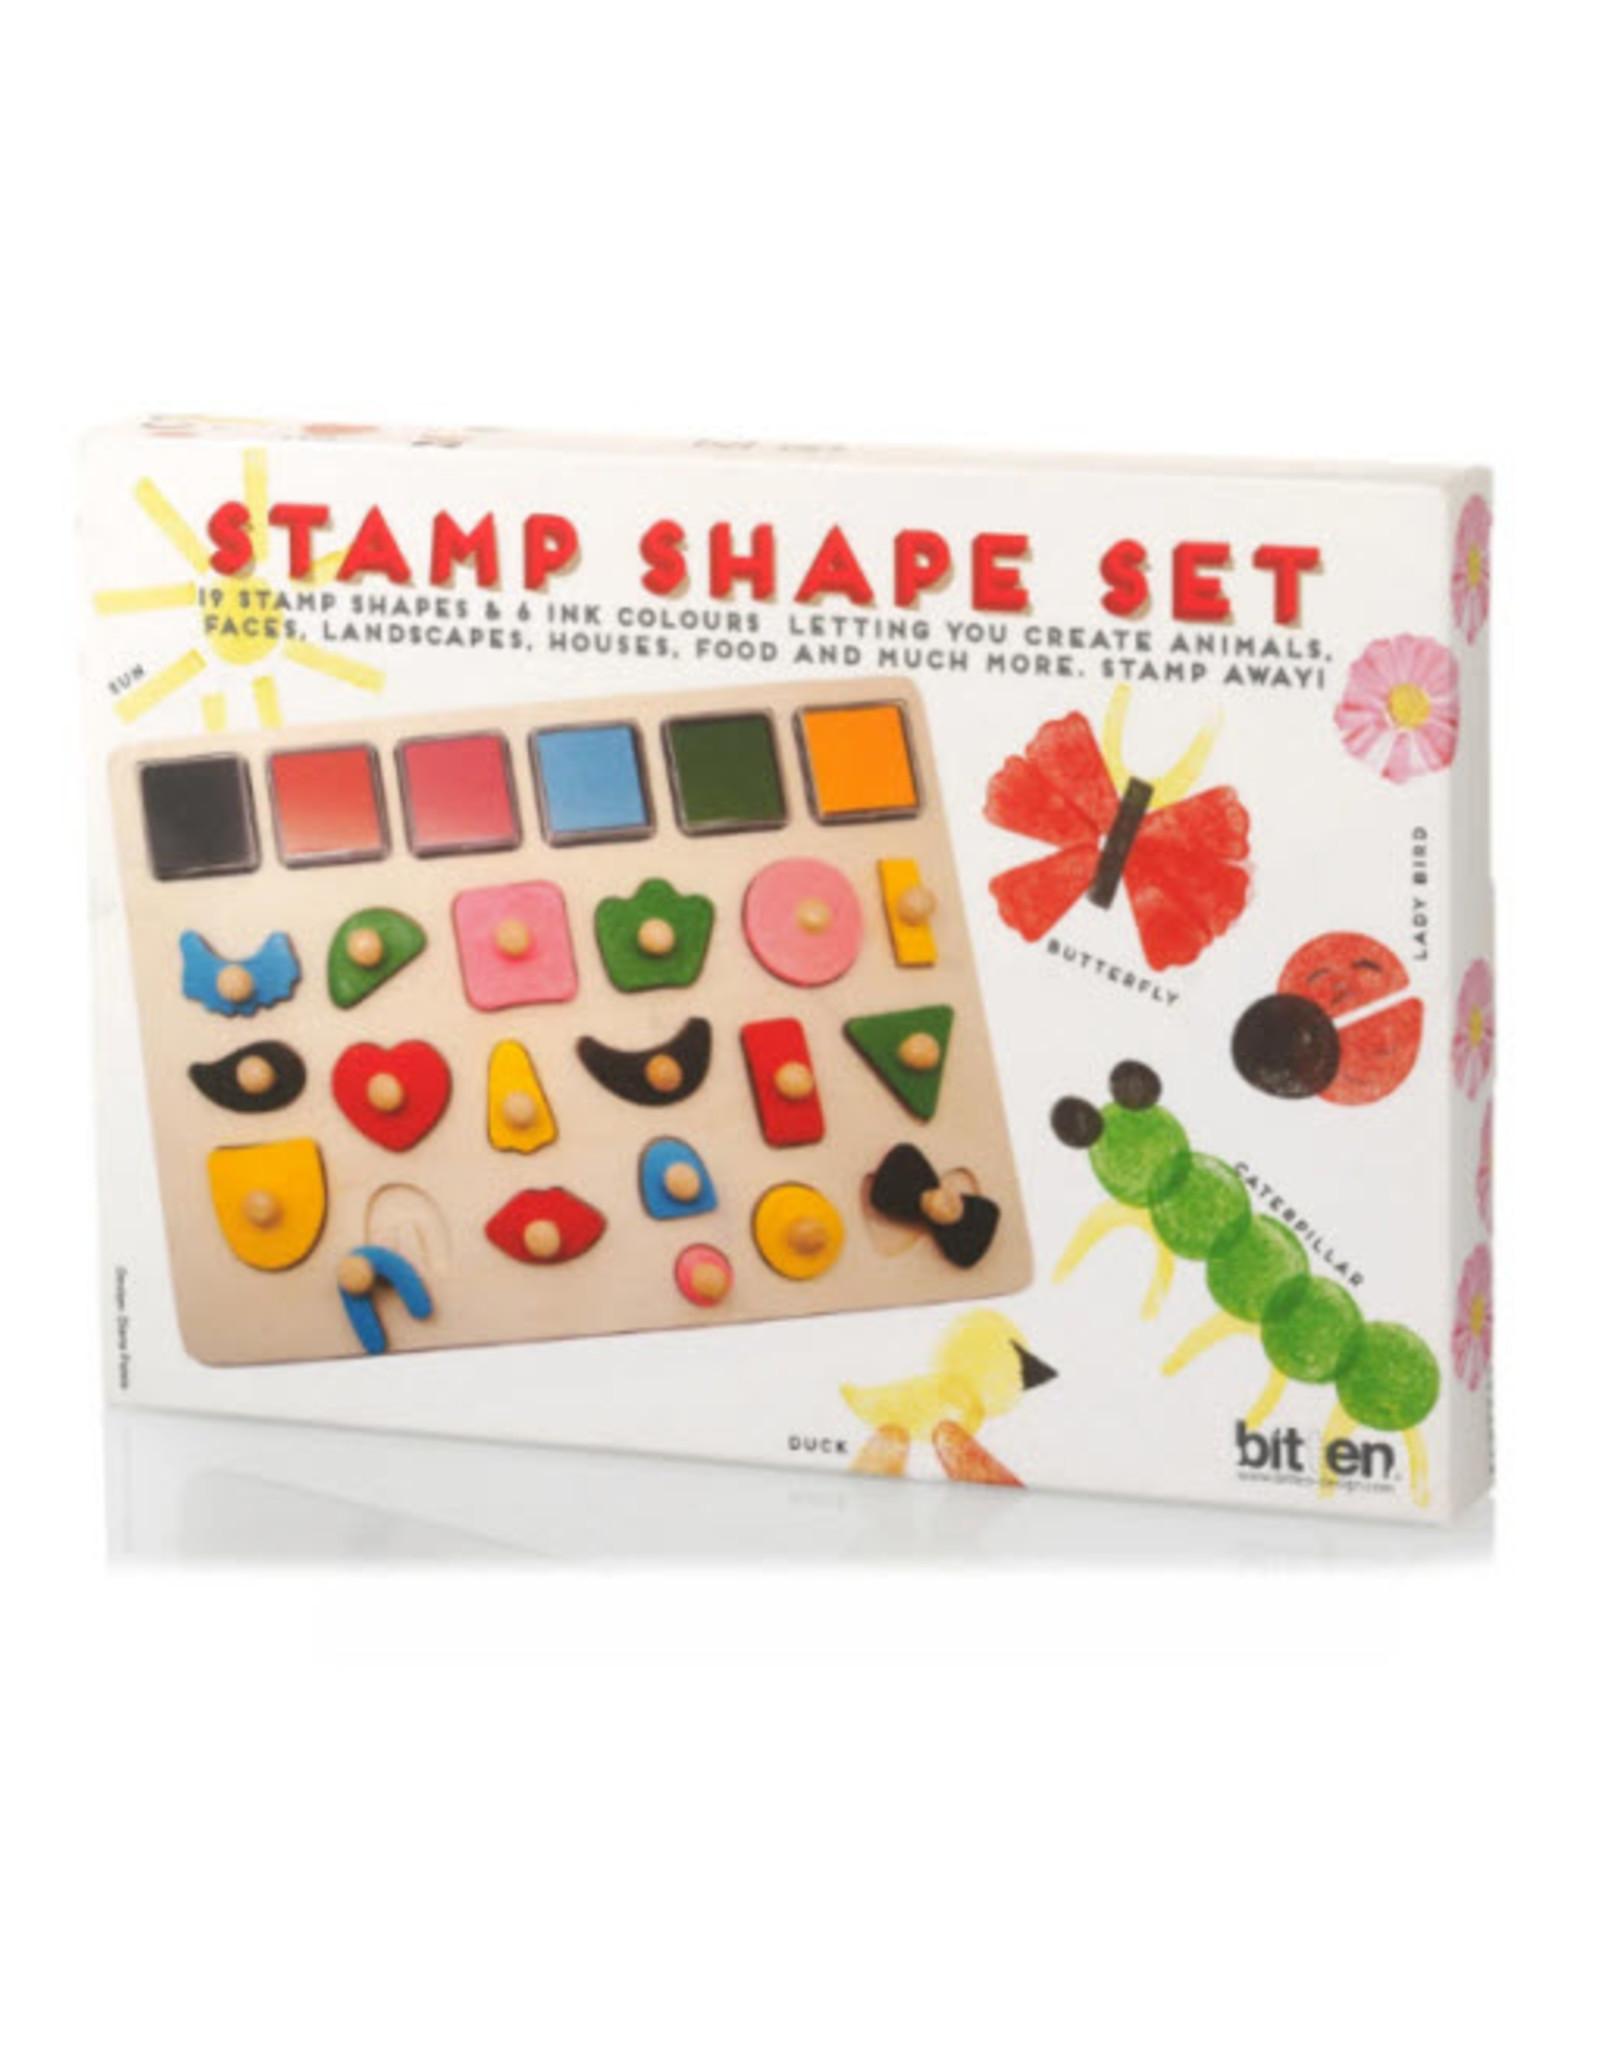 Bitten Stempelset Stamp Shape